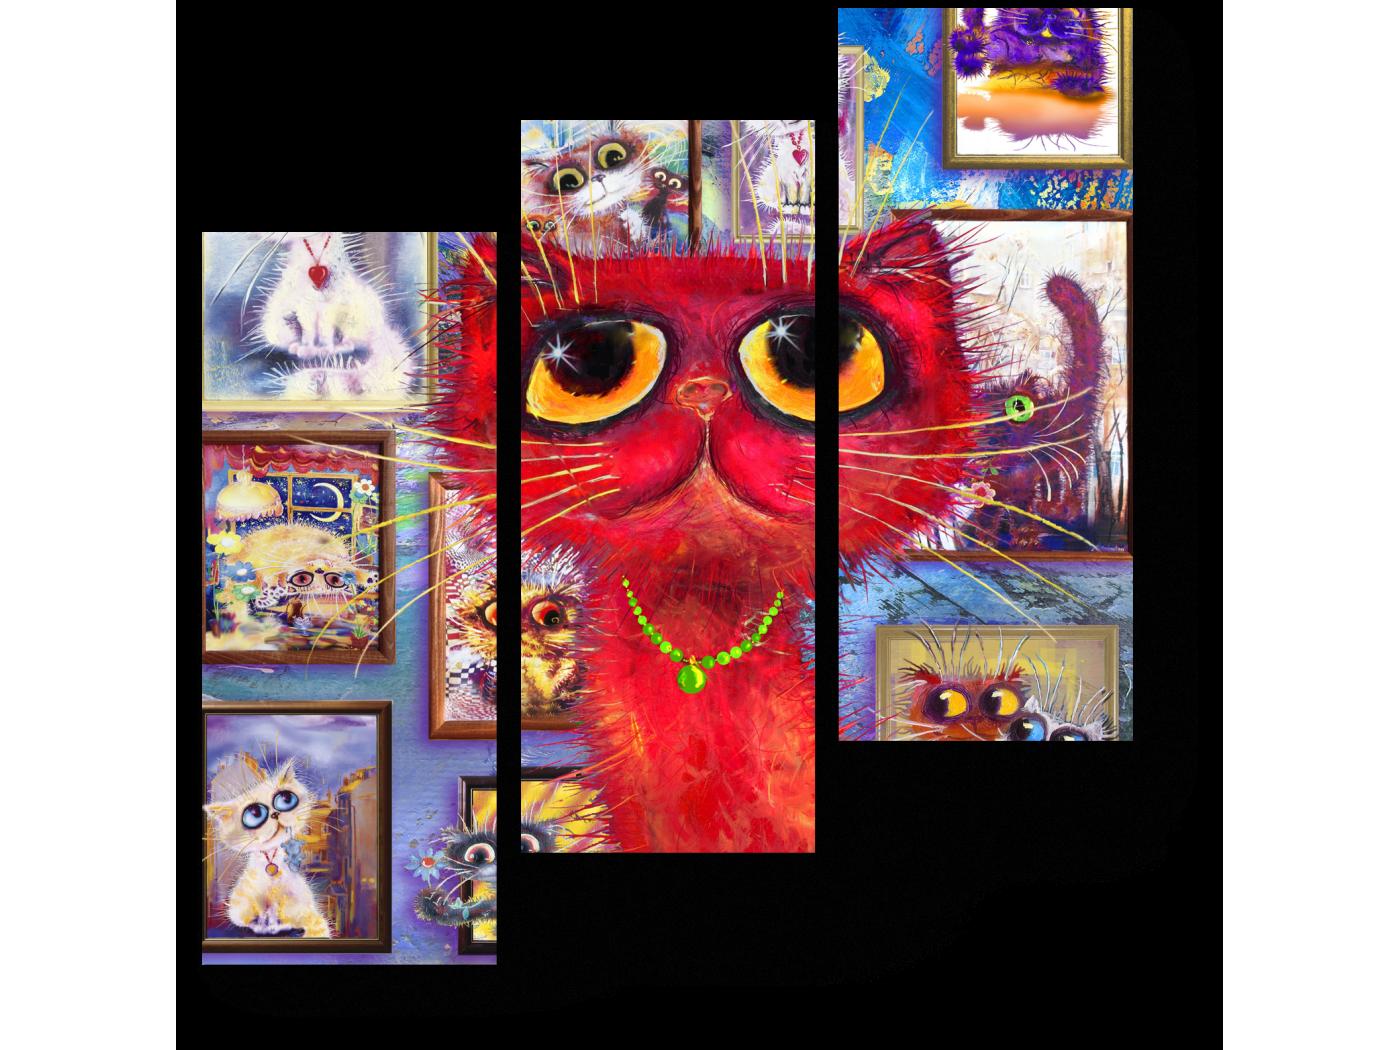 Модульная картина Красный кот гуляет по галерее (60x64) фото